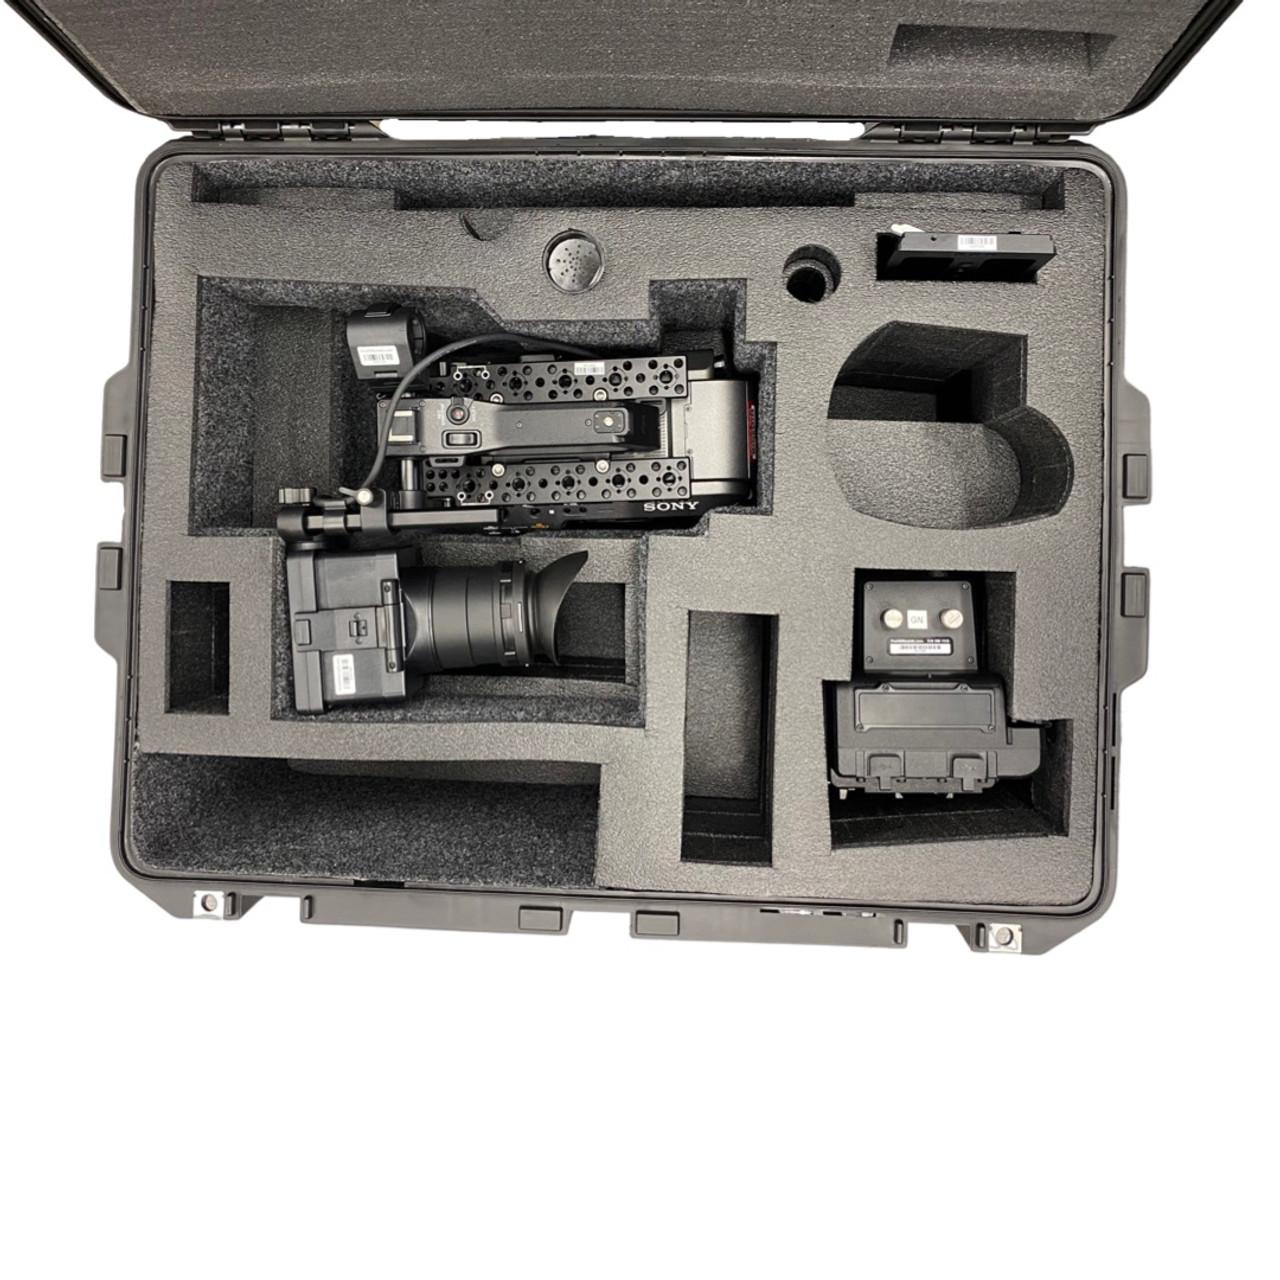 SONY FX9 Full Frame Camera (Fully Built) in pelican 1637